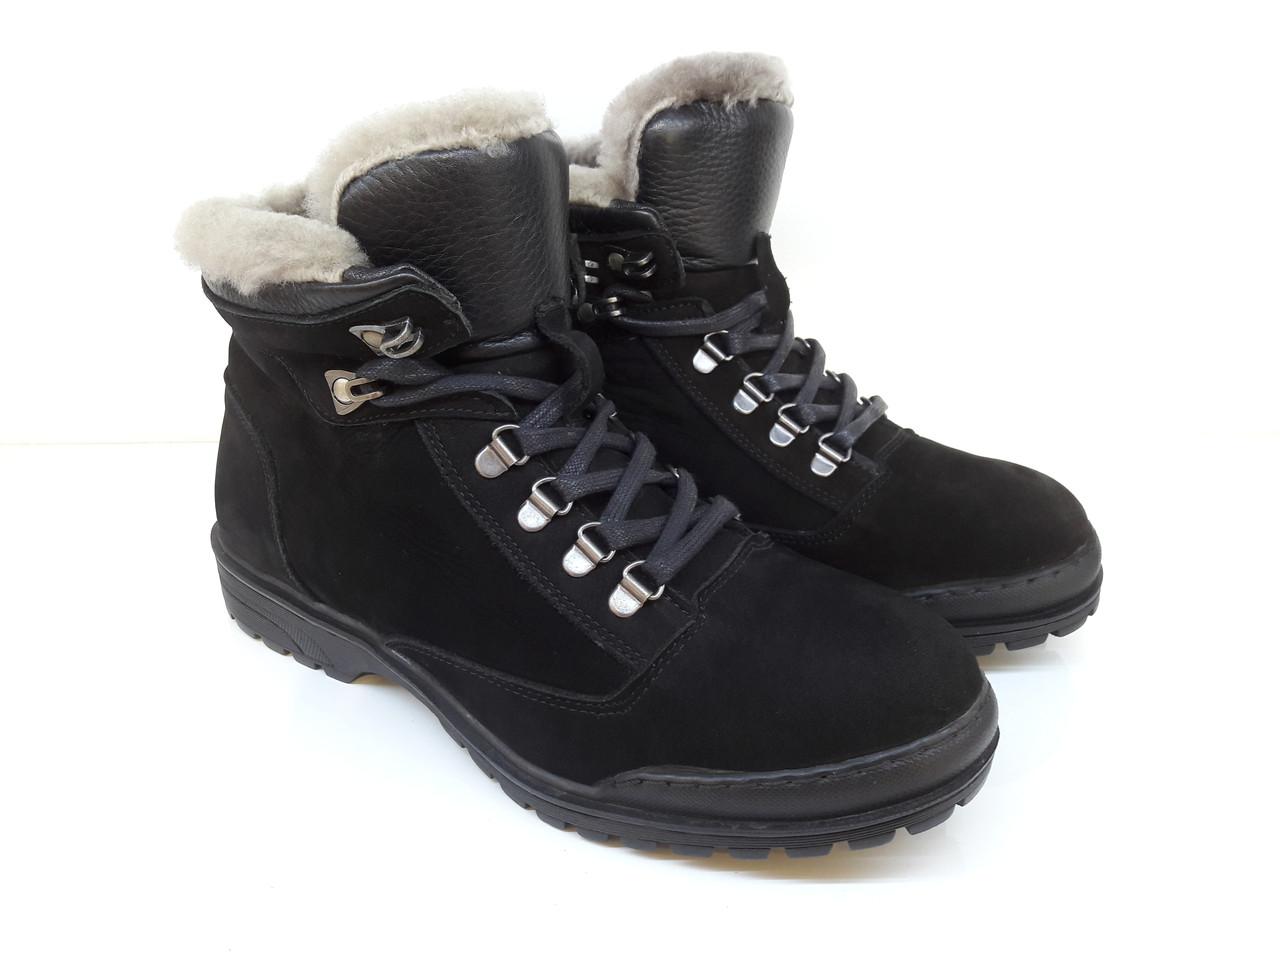 Ботинки Etor 7999-4505 черные